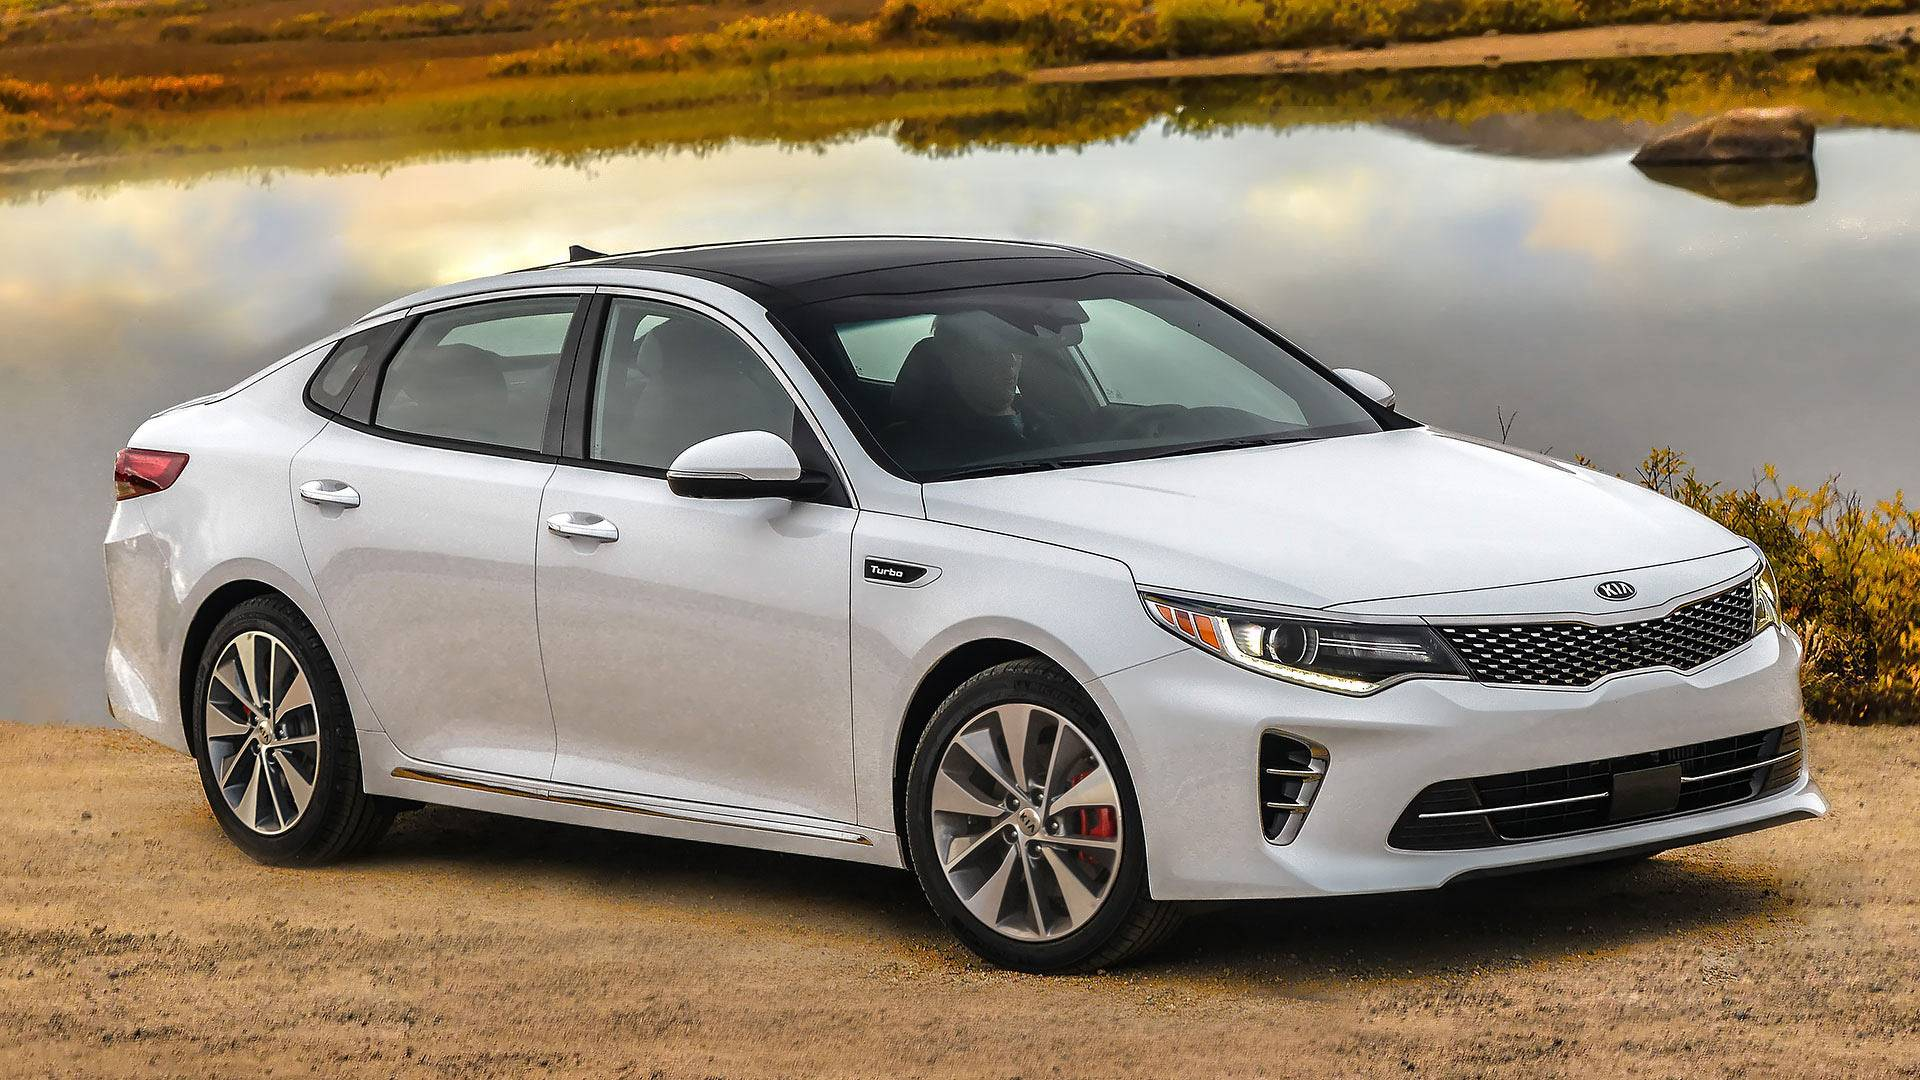 Kia Optima News and Reviews | Motor1 com